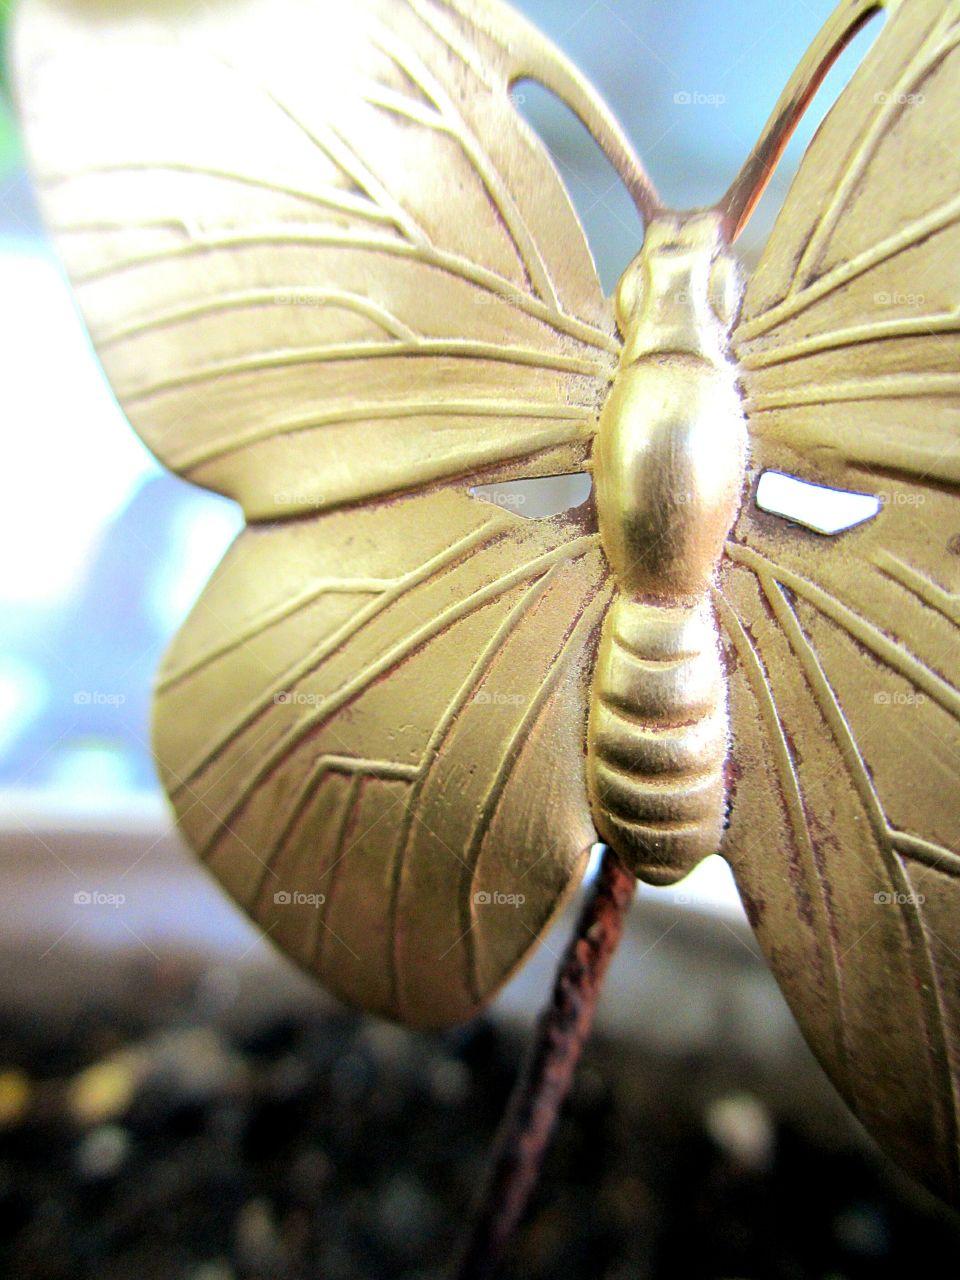 Golden metallic butterfly